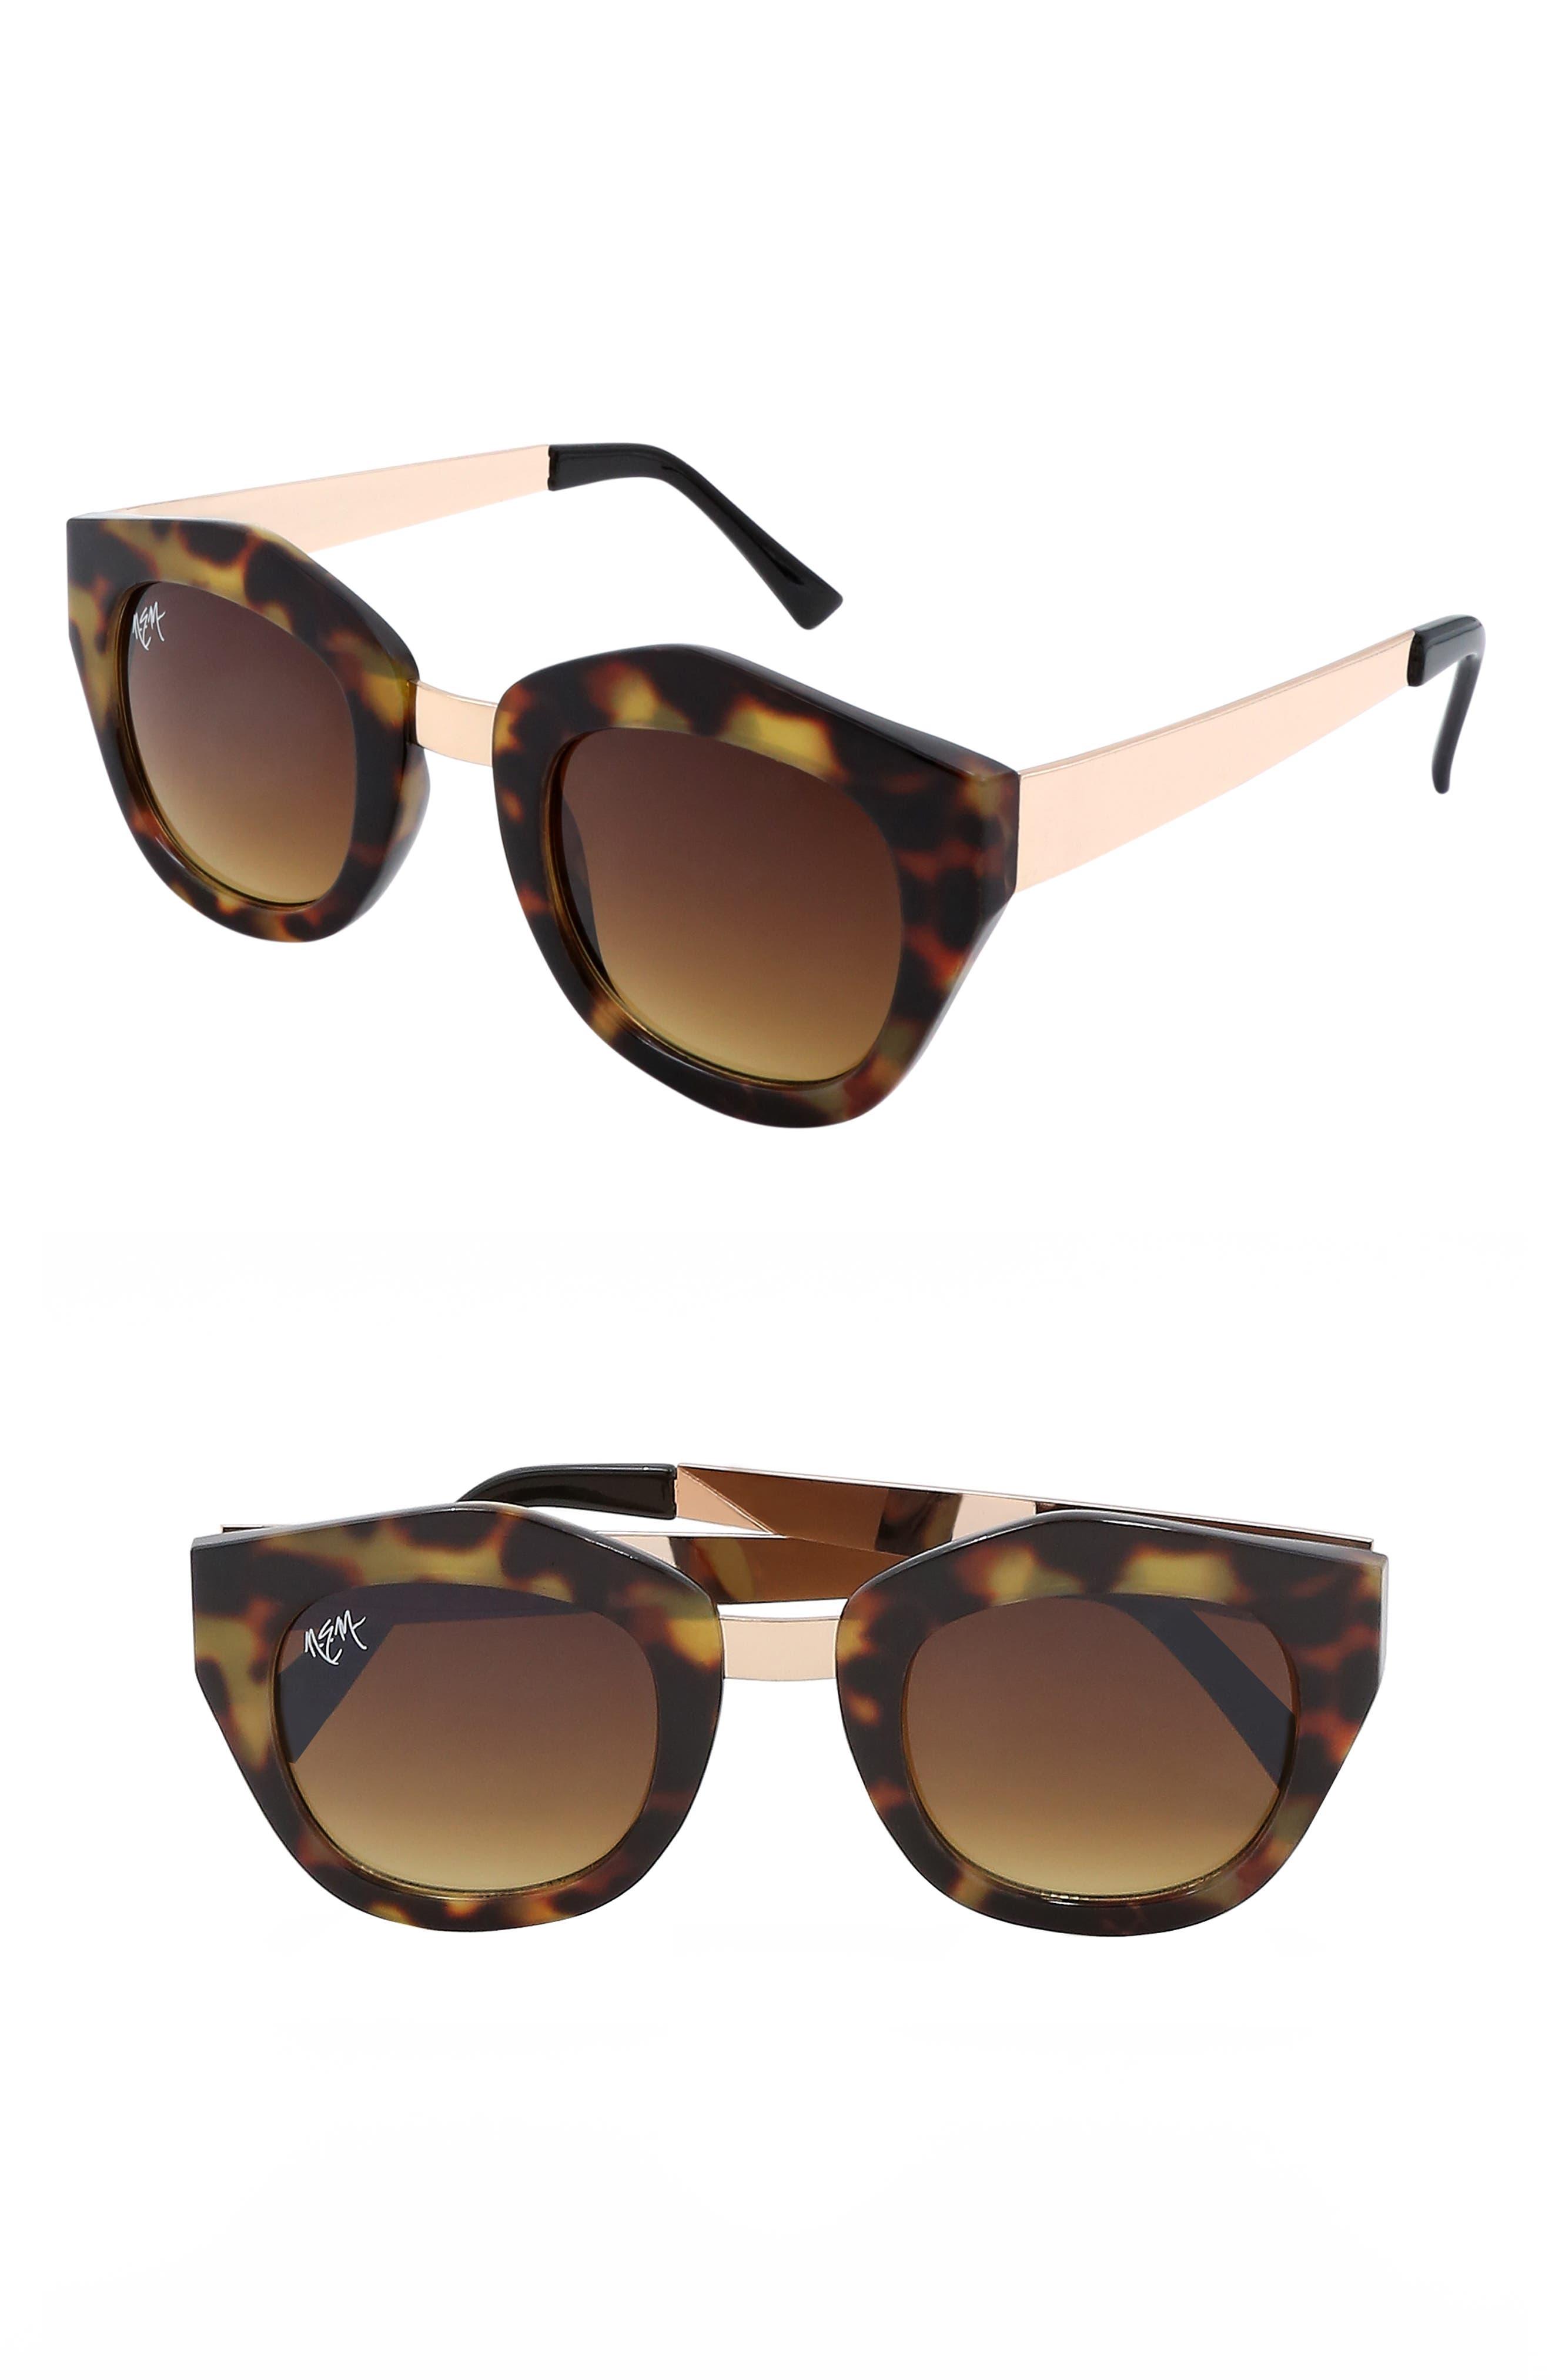 Nem Envy 45Mm Angular Sunglasses - Tortoise W Amber Lens